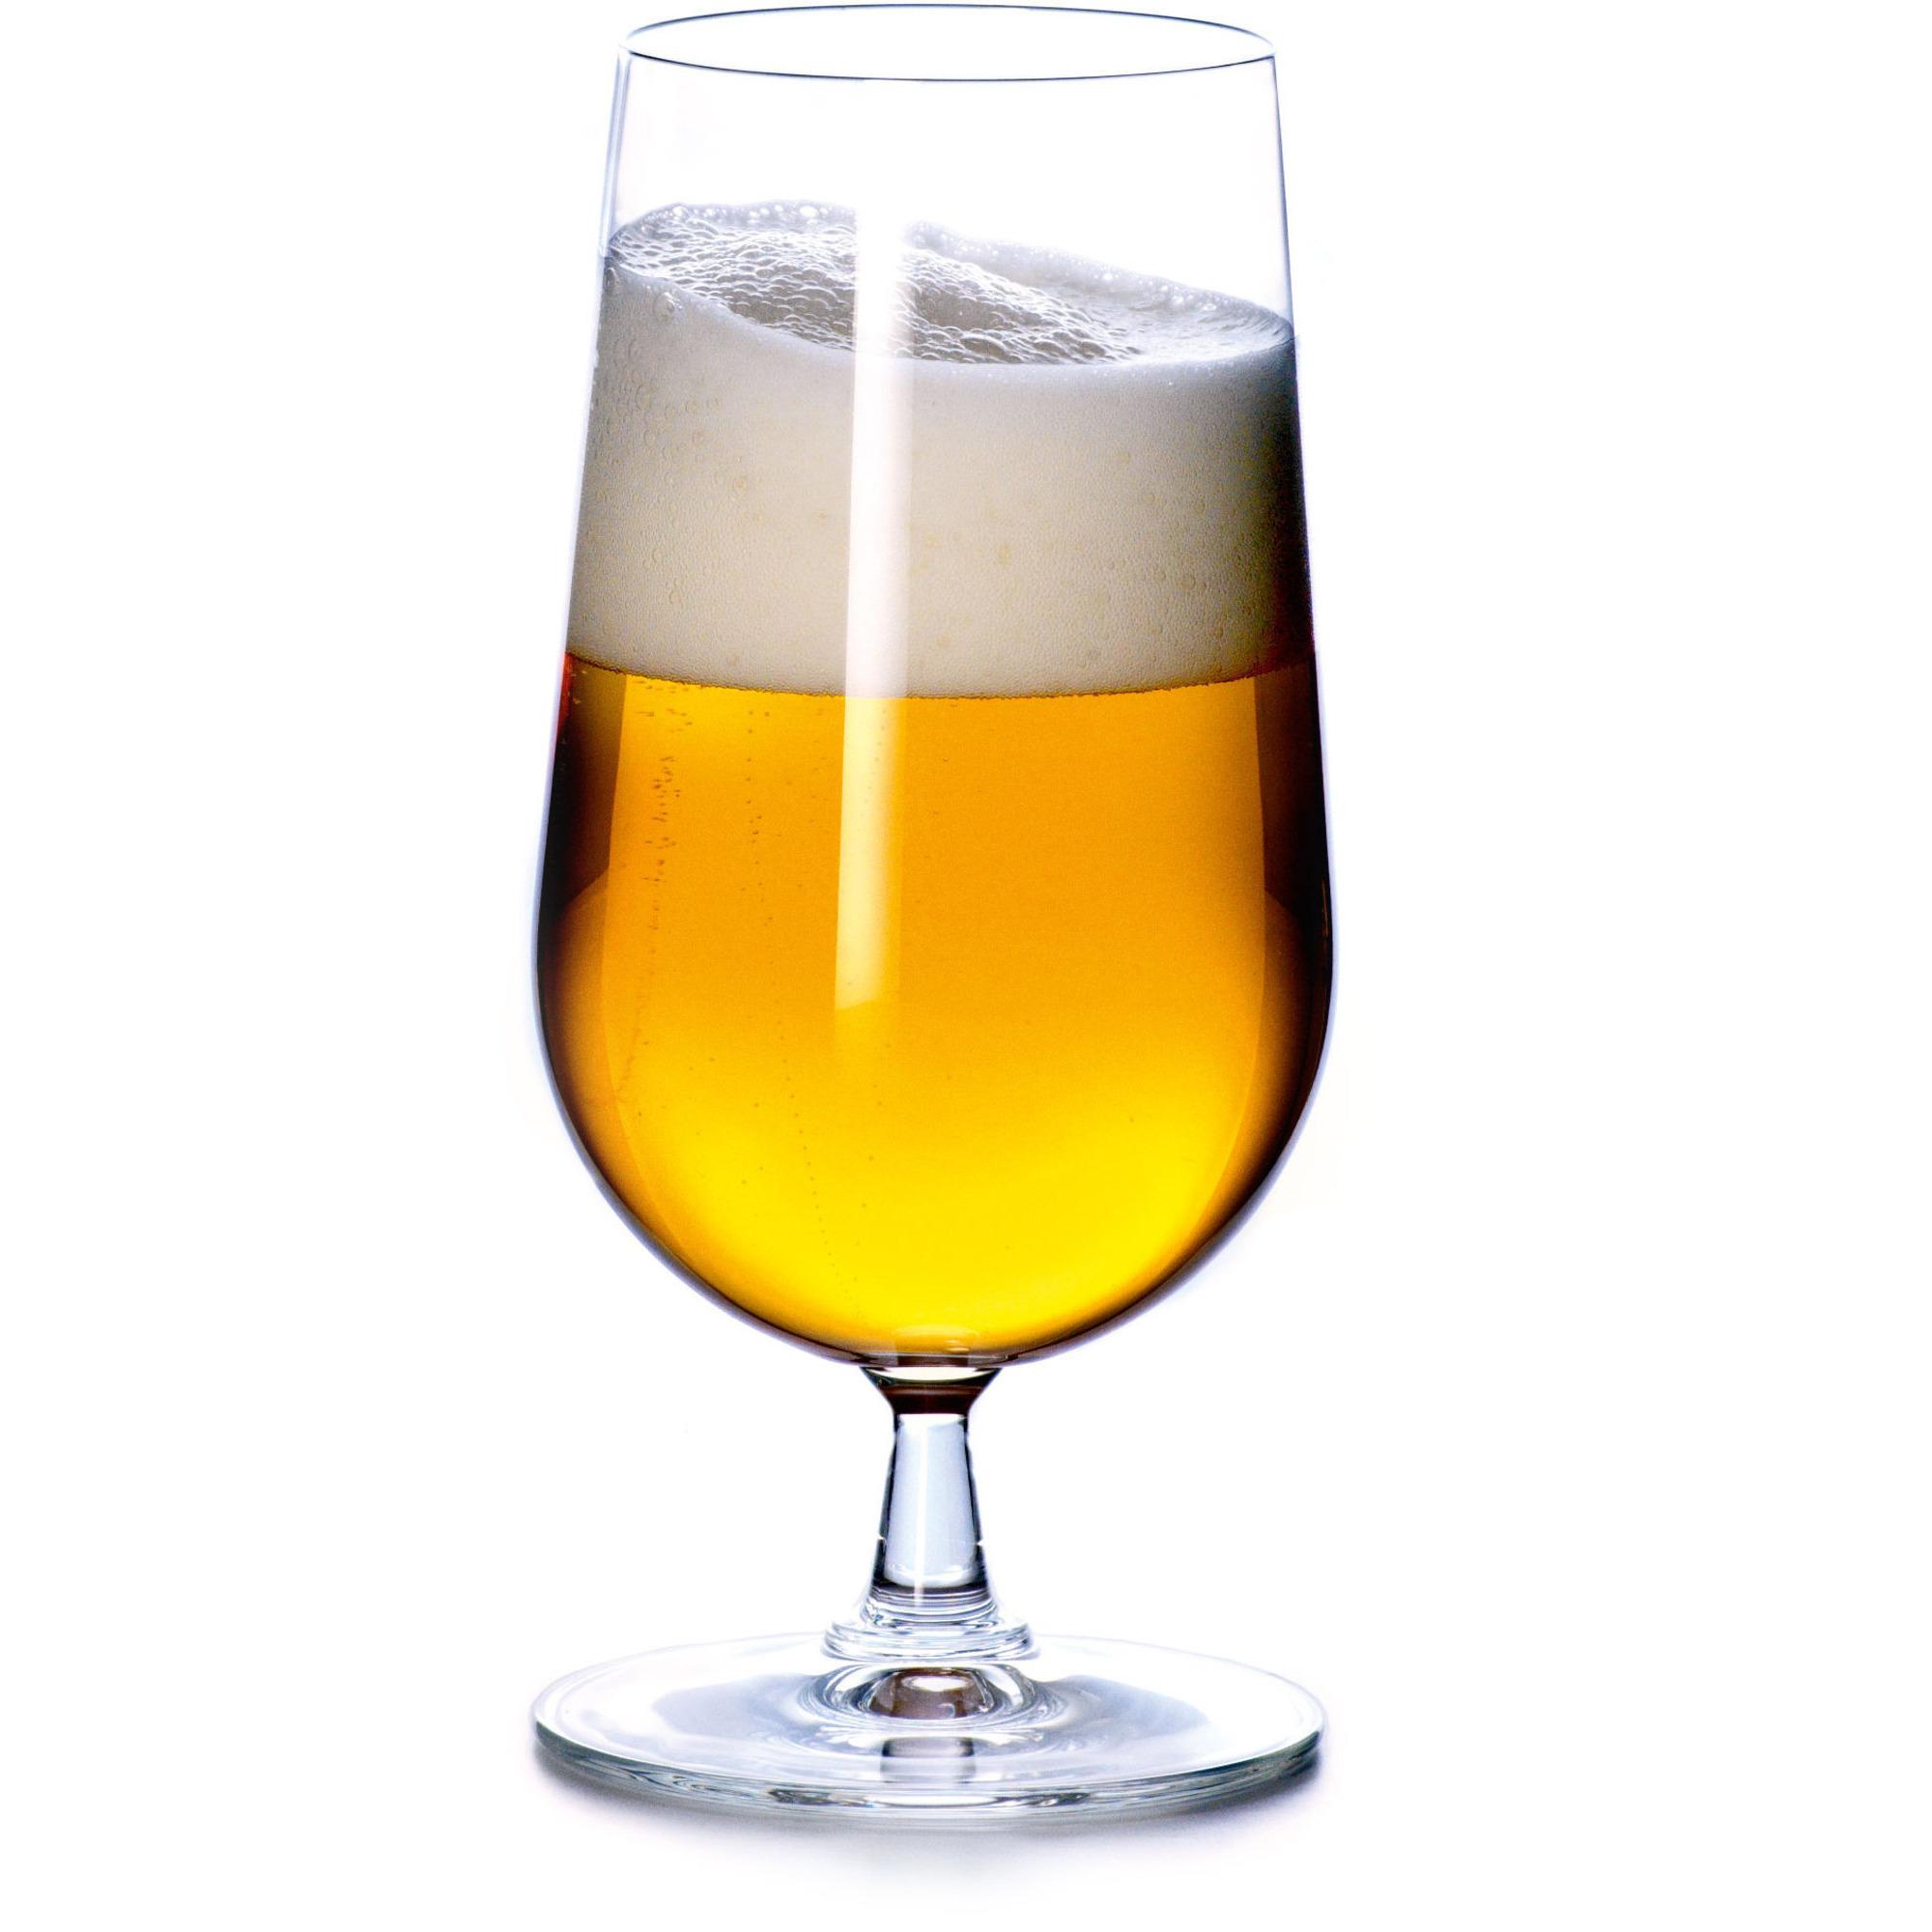 Rosendahl Grand Cru Ölglas 2 st 50 cl